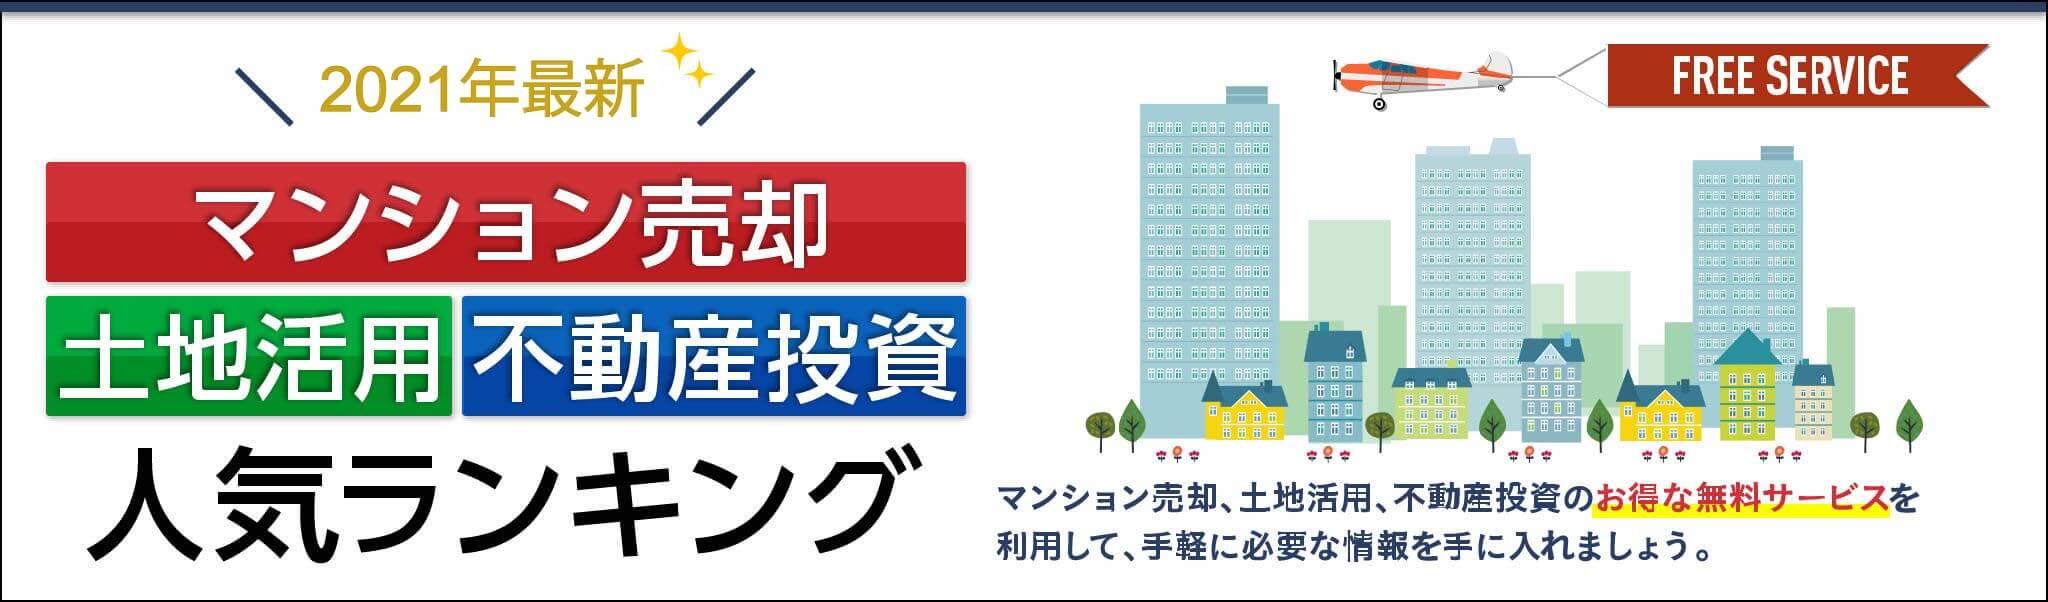 2021年最新 マンション売却一括査定・土地活用・不動産投資 人気ランキング